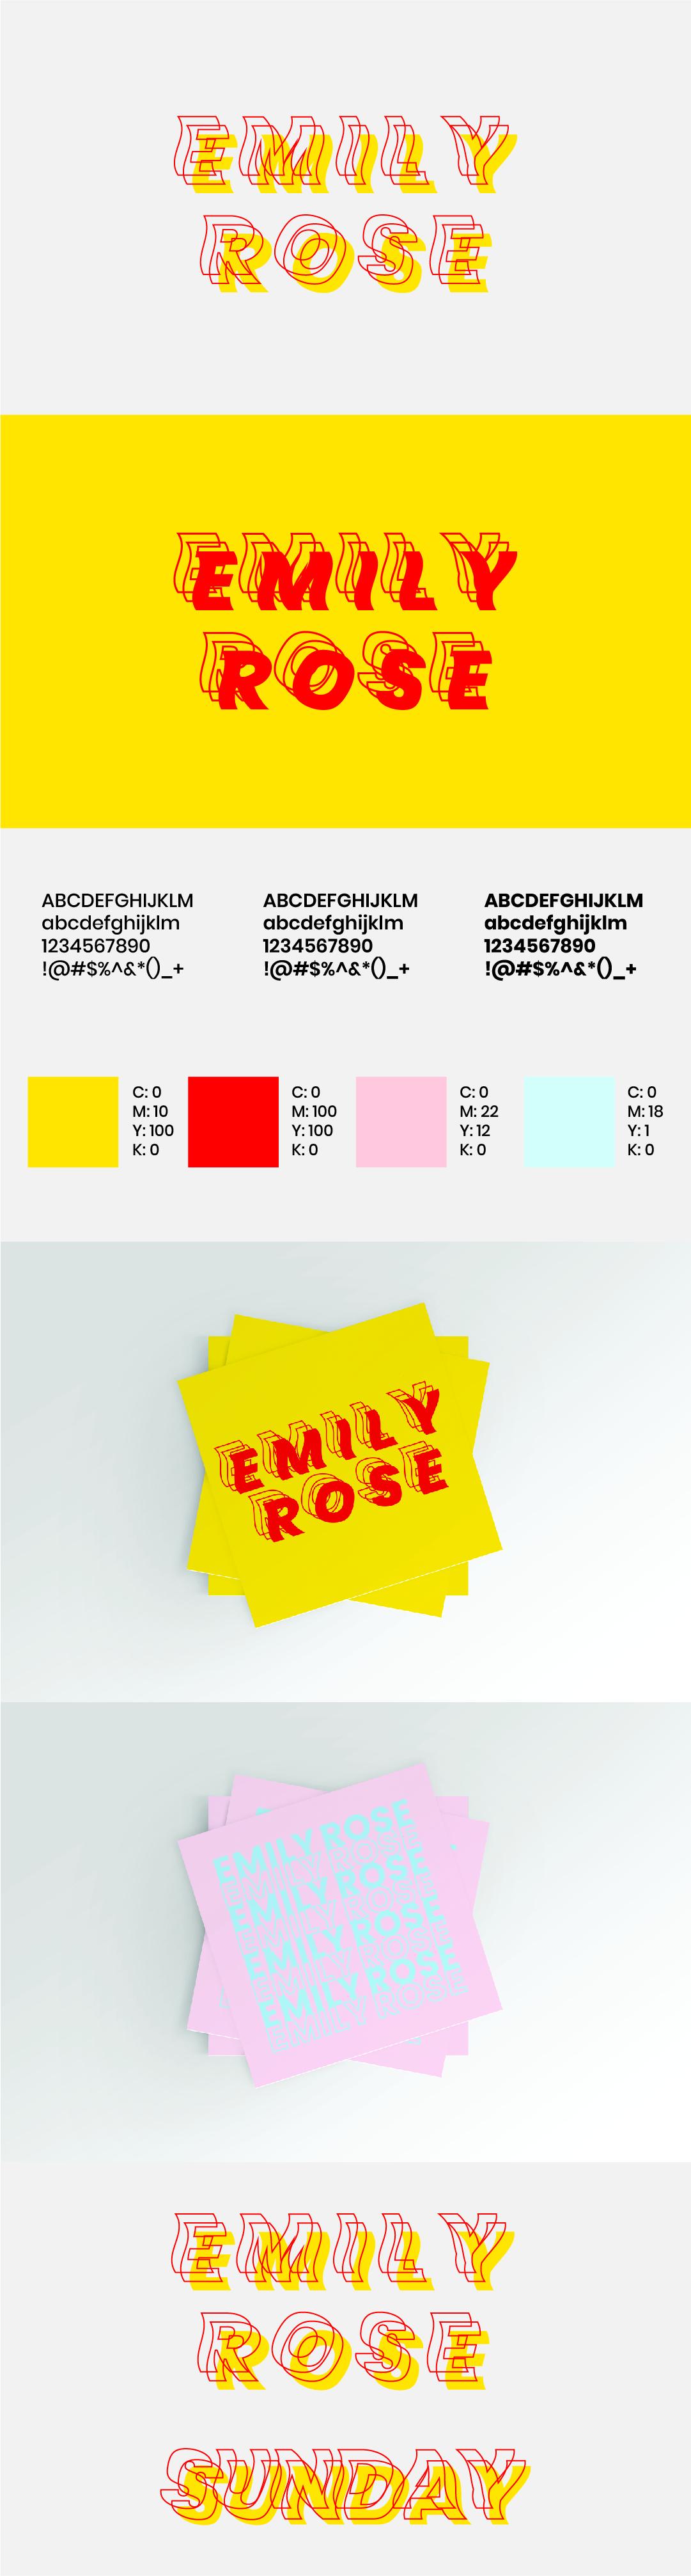 EMILY (1).jpg